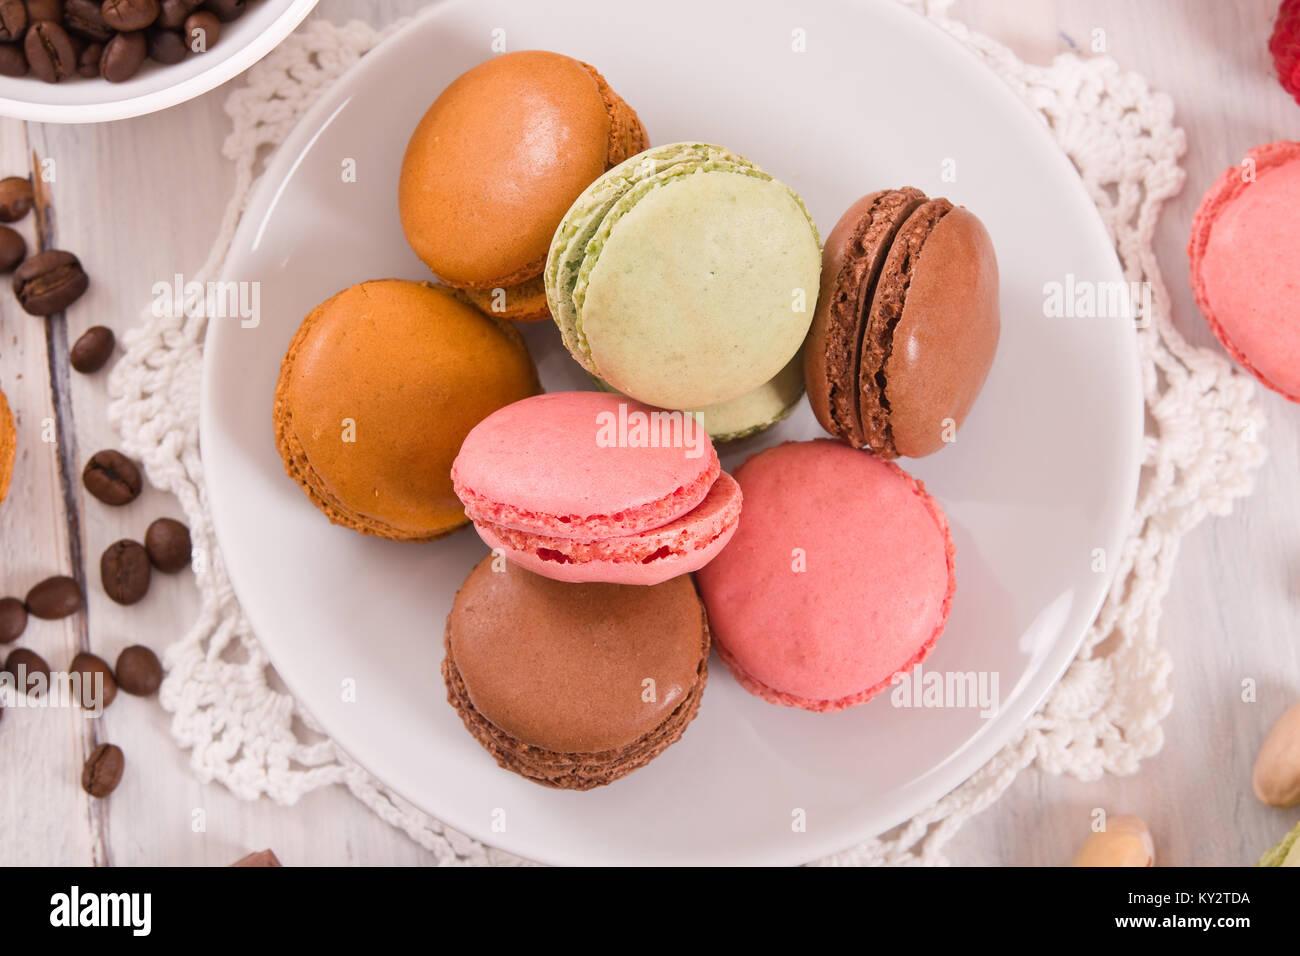 Colorful macarons. - Stock Image